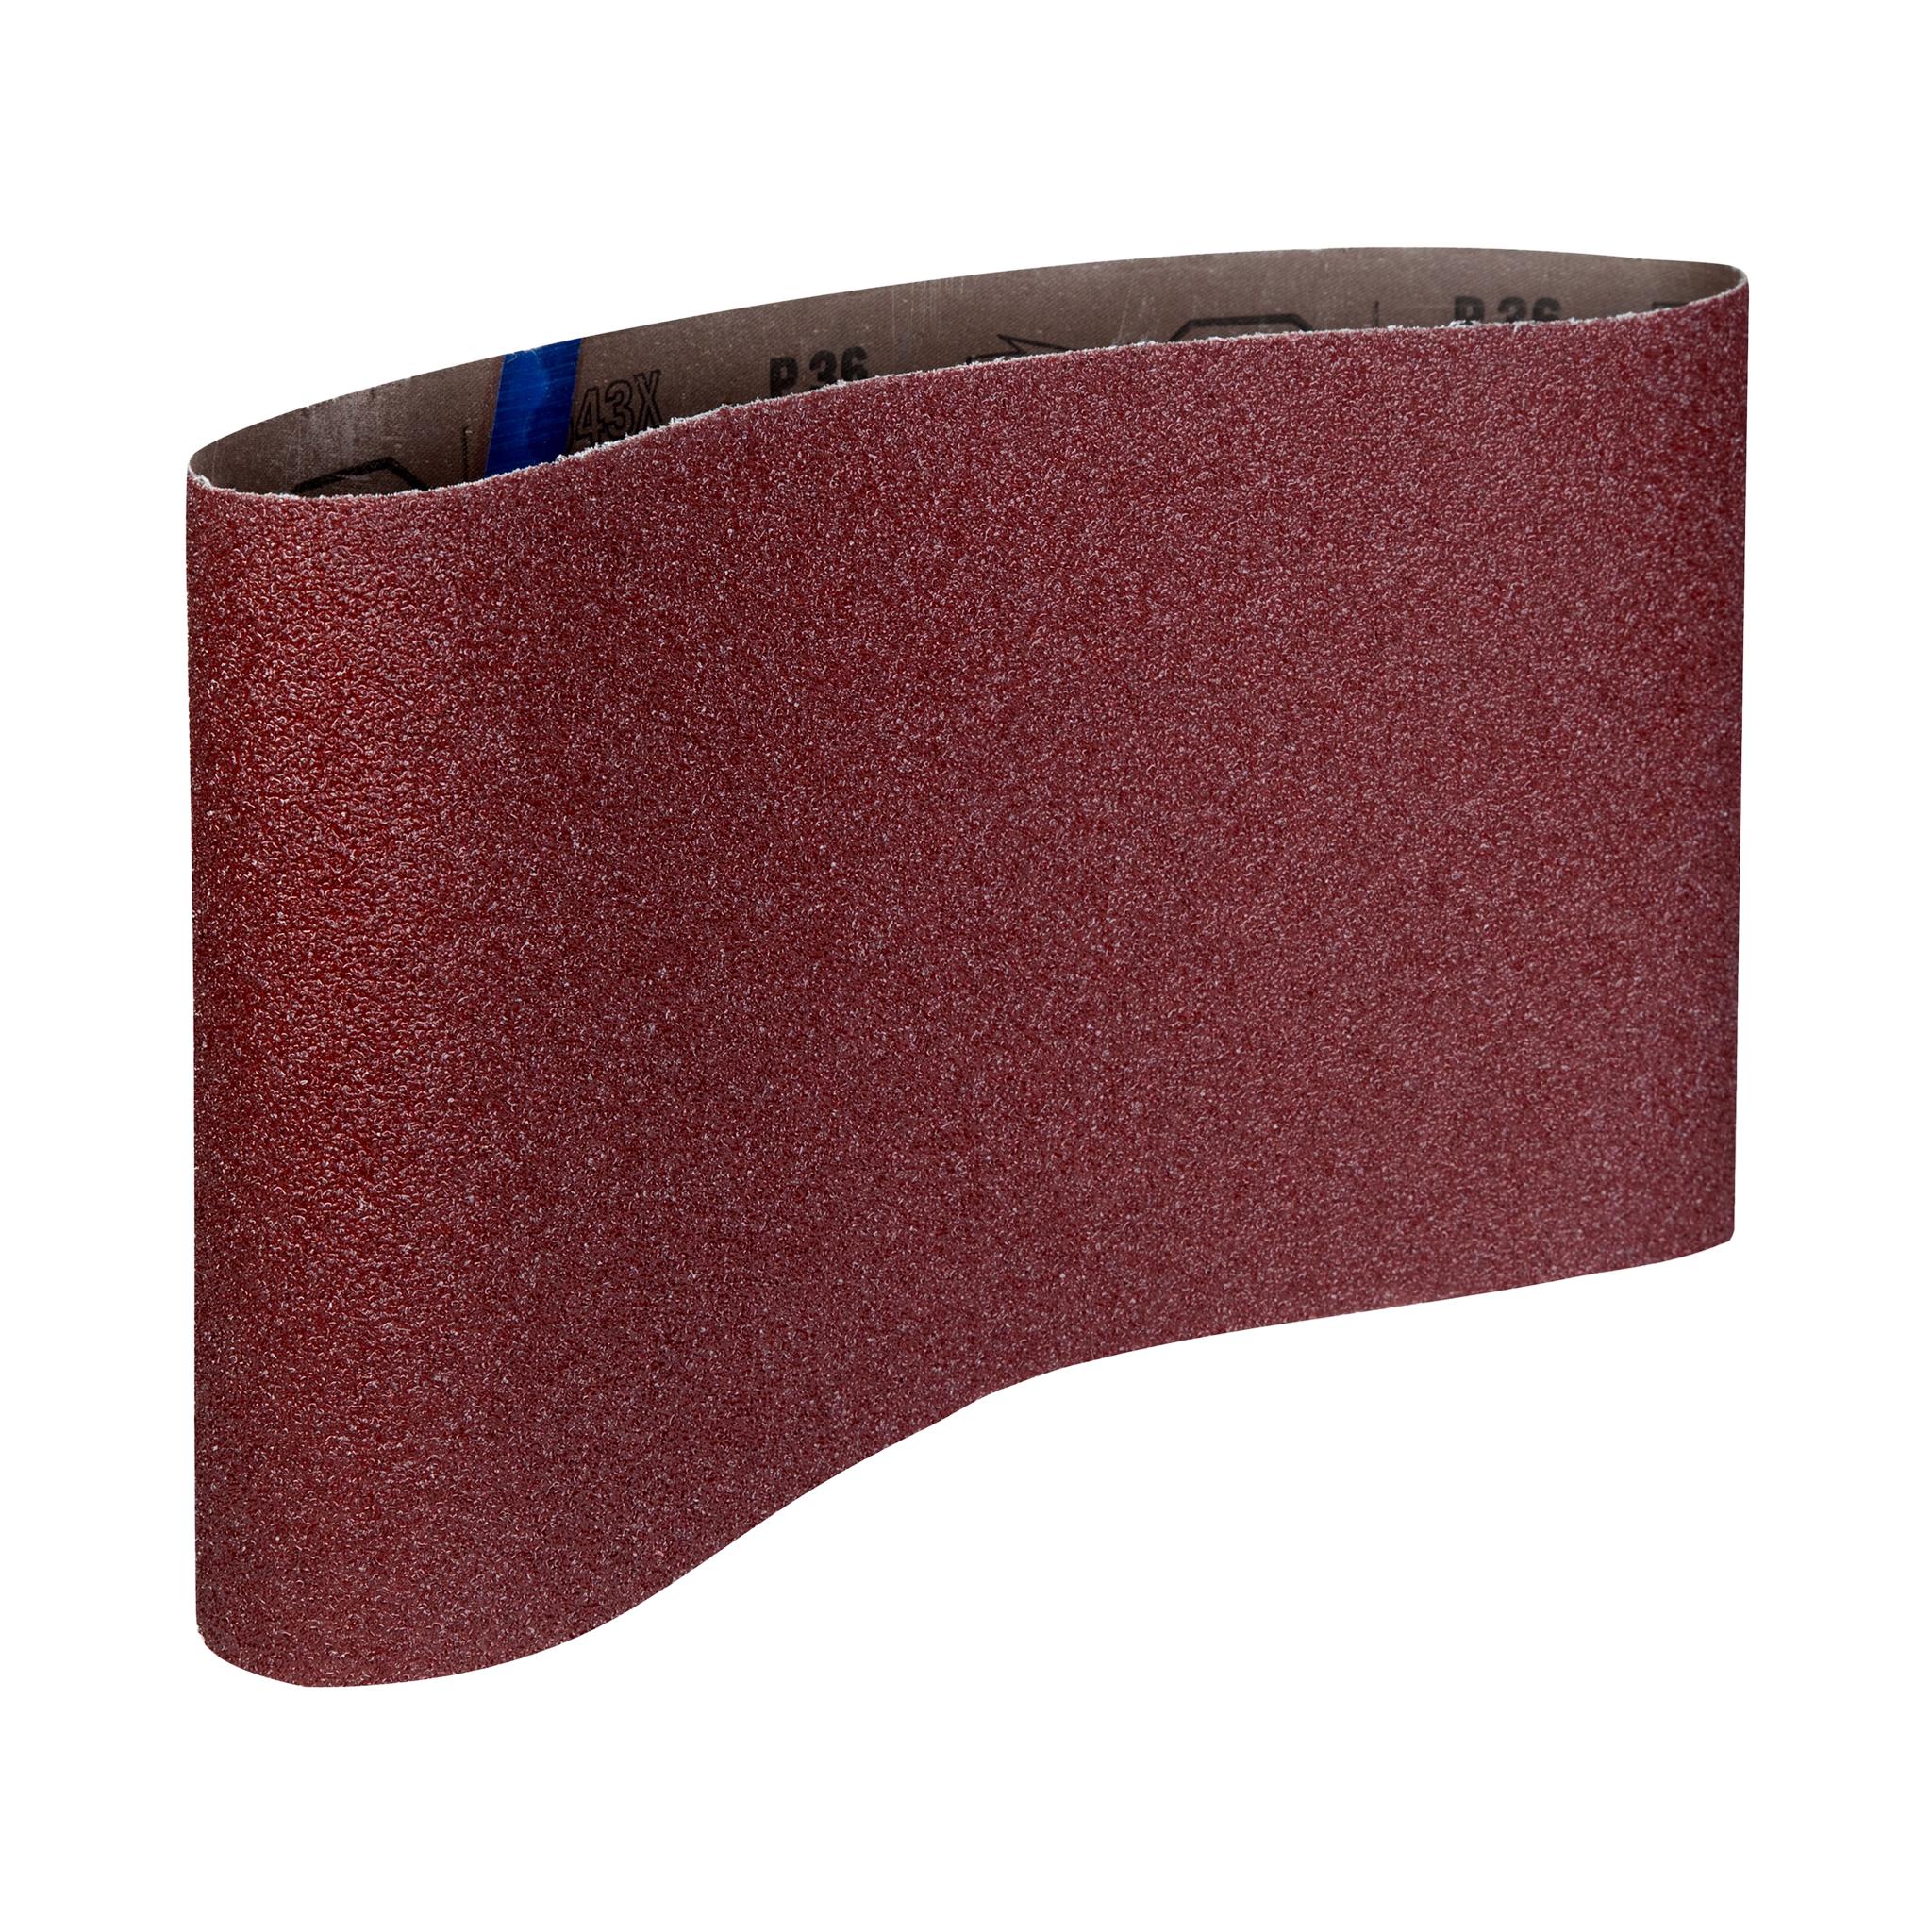 K 36 PARAT Belts Schleifband 200x750mm